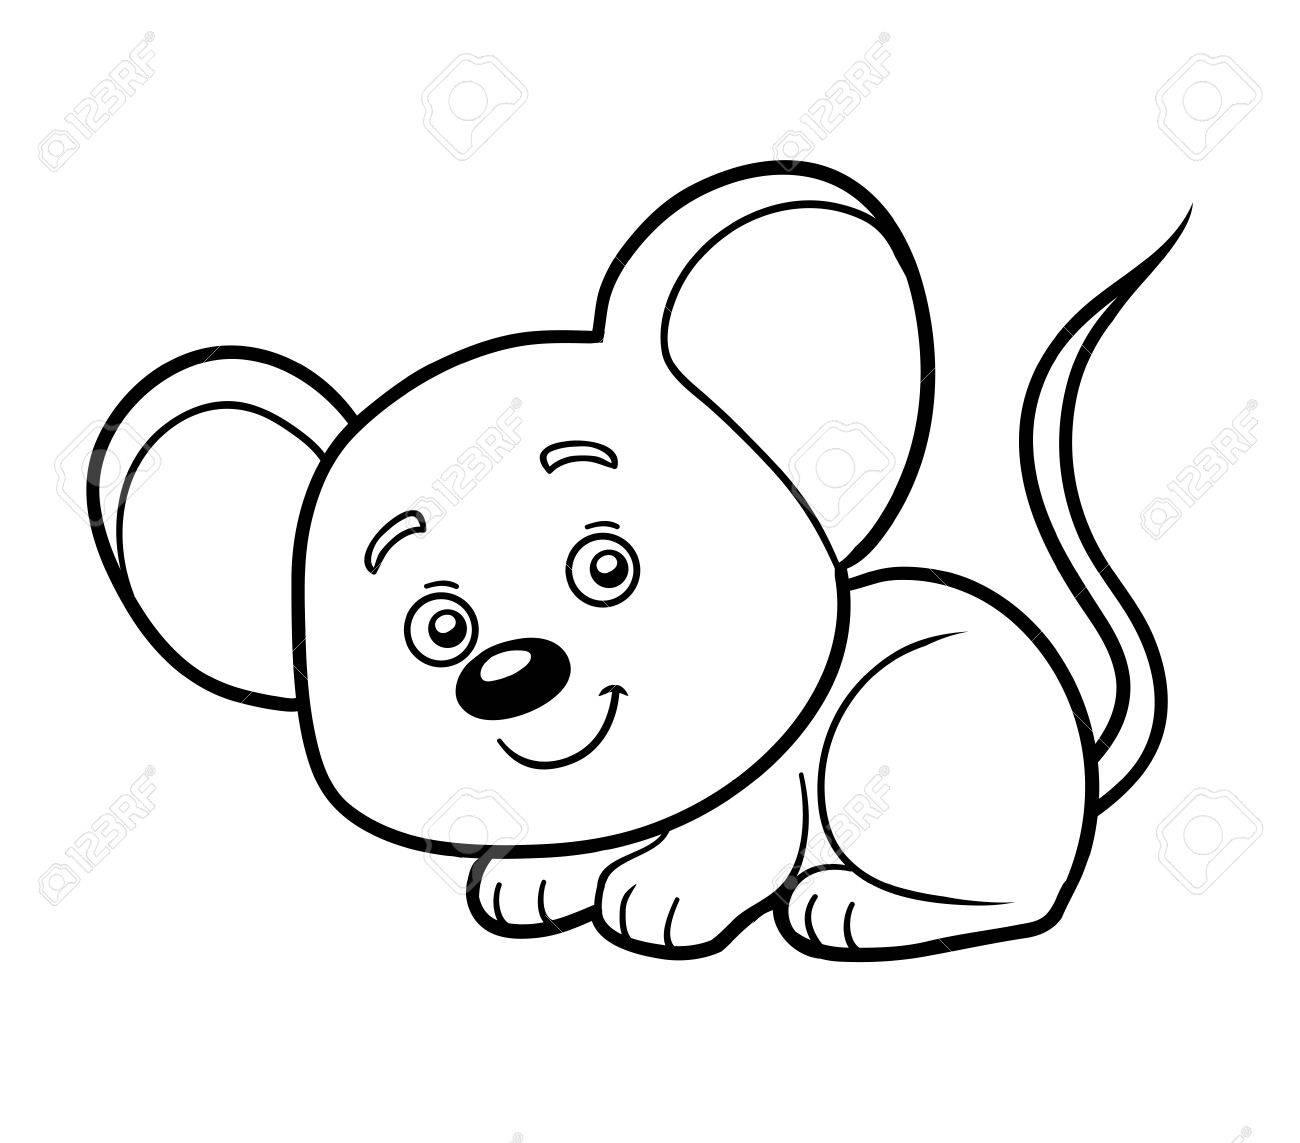 Libro Para Colorear Para Los Niños (ratón) Ilustraciones Vectoriales ...